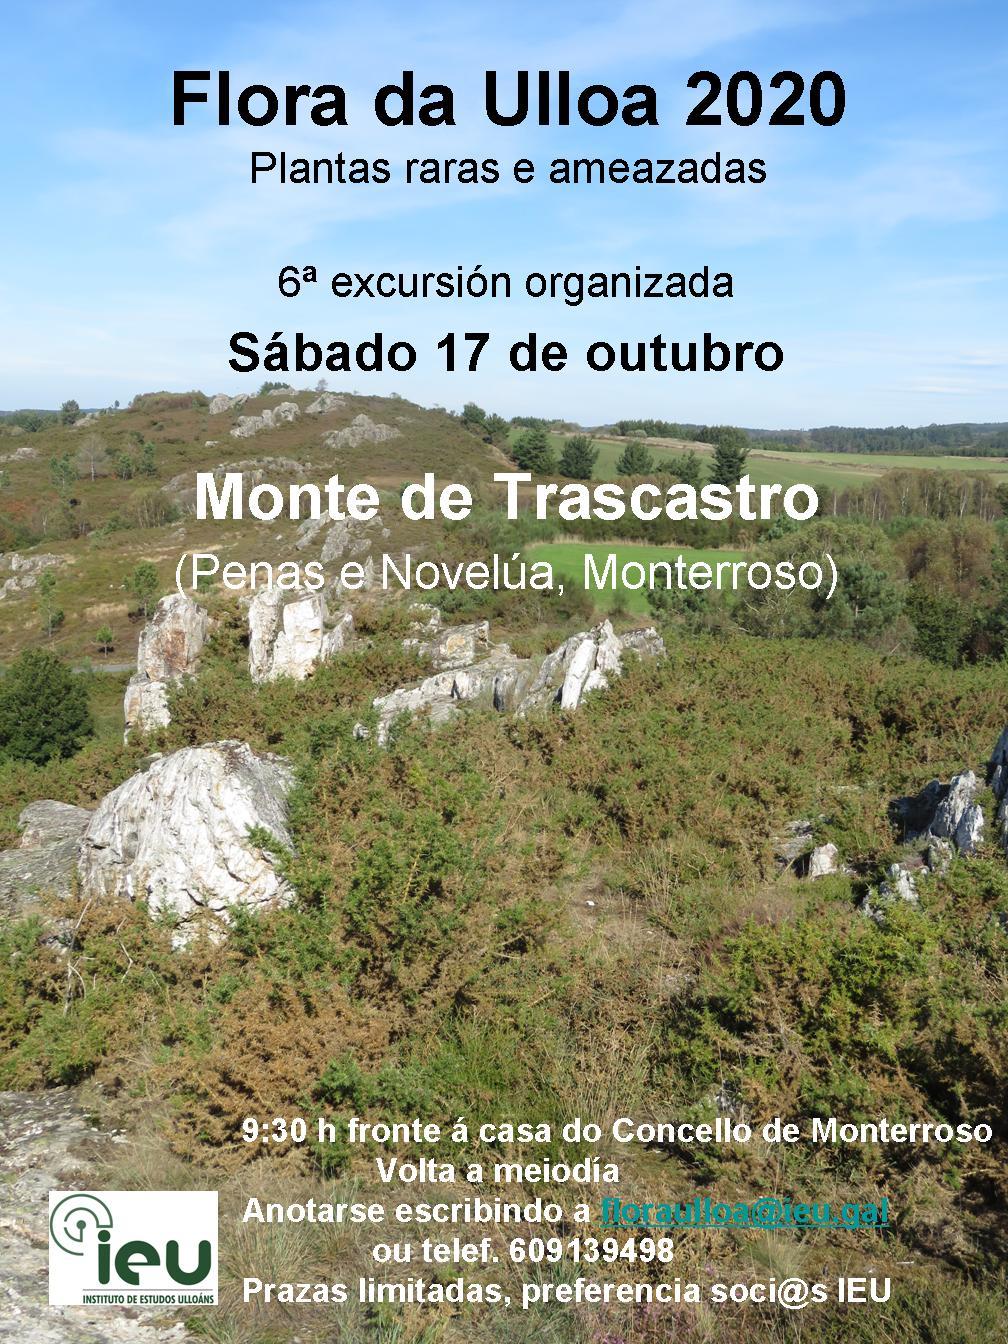 Excursión Flora da Ulloa 06-2020 Trascastro Monterroso, Instituto de Estudos Ulloáns